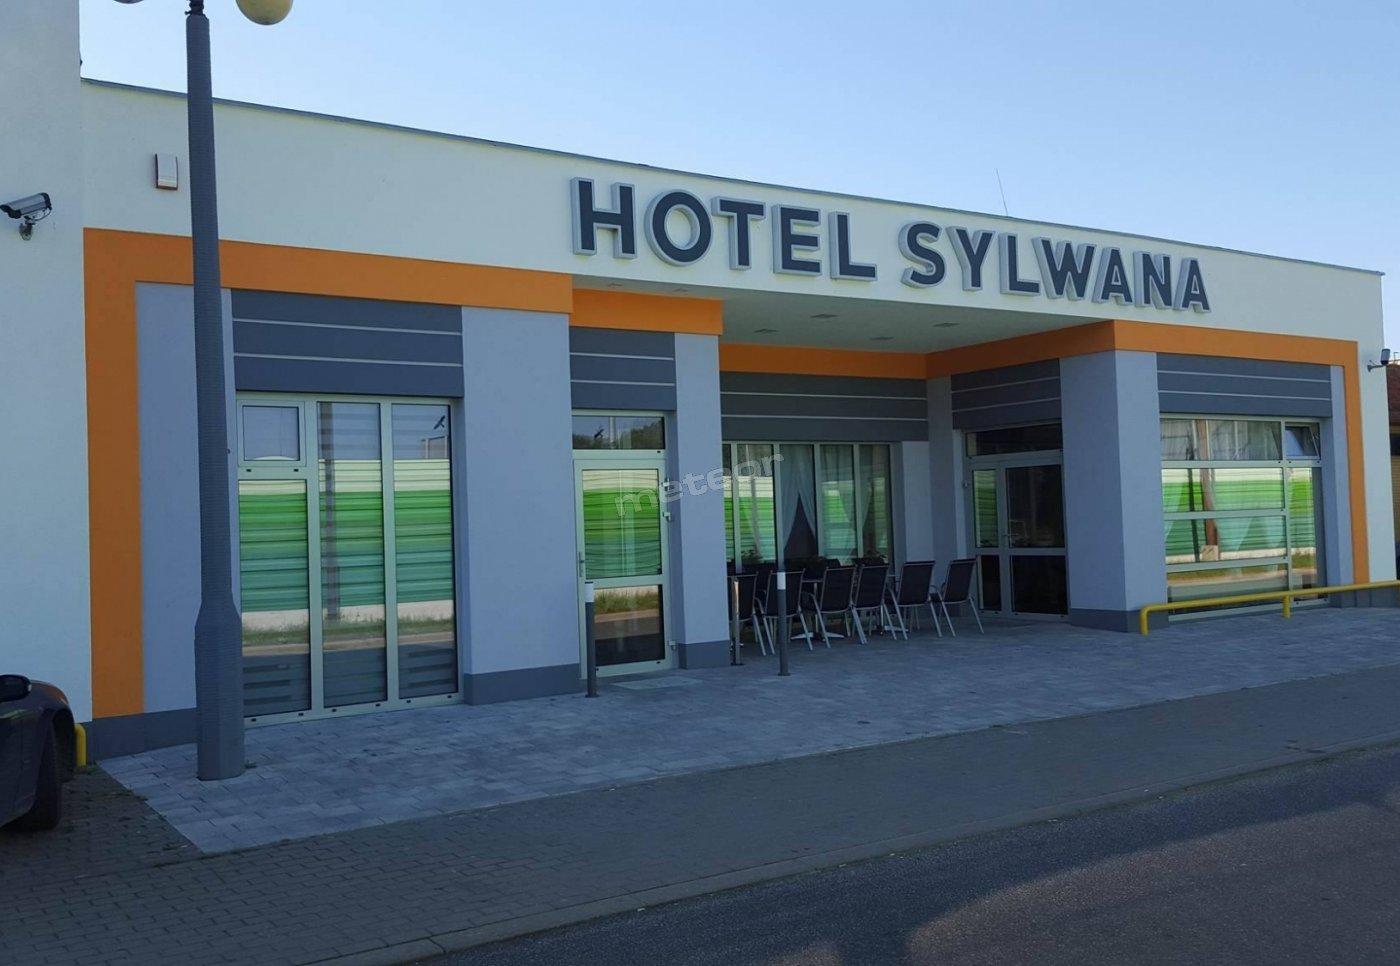 Hotel Sylwana